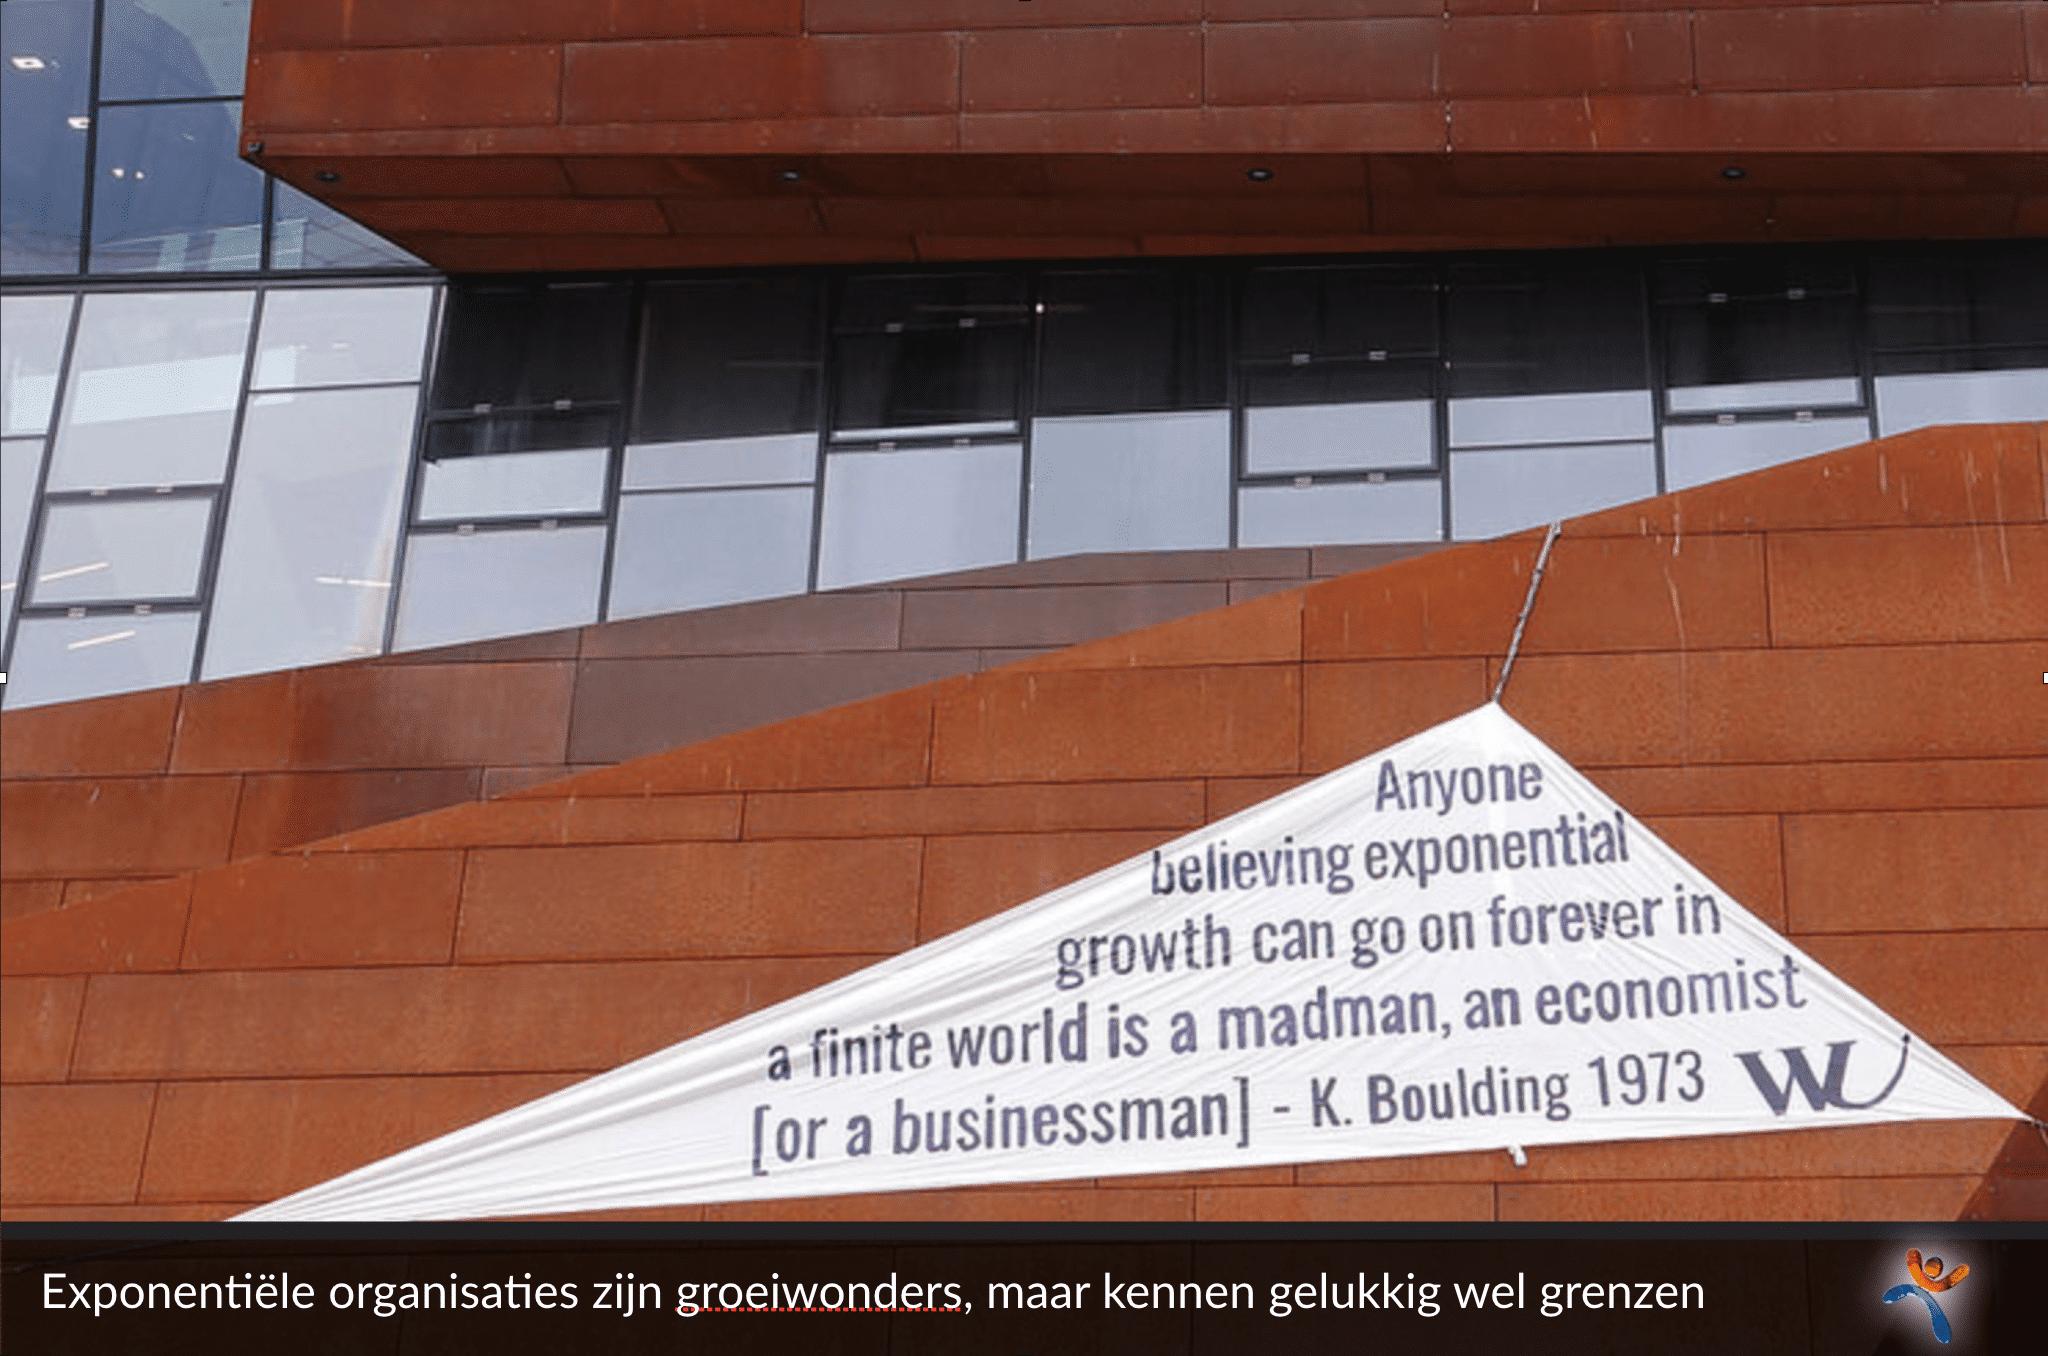 Exponentiële organisaties zijn groeiwinders, maar kennen gelukkig wel grenzen